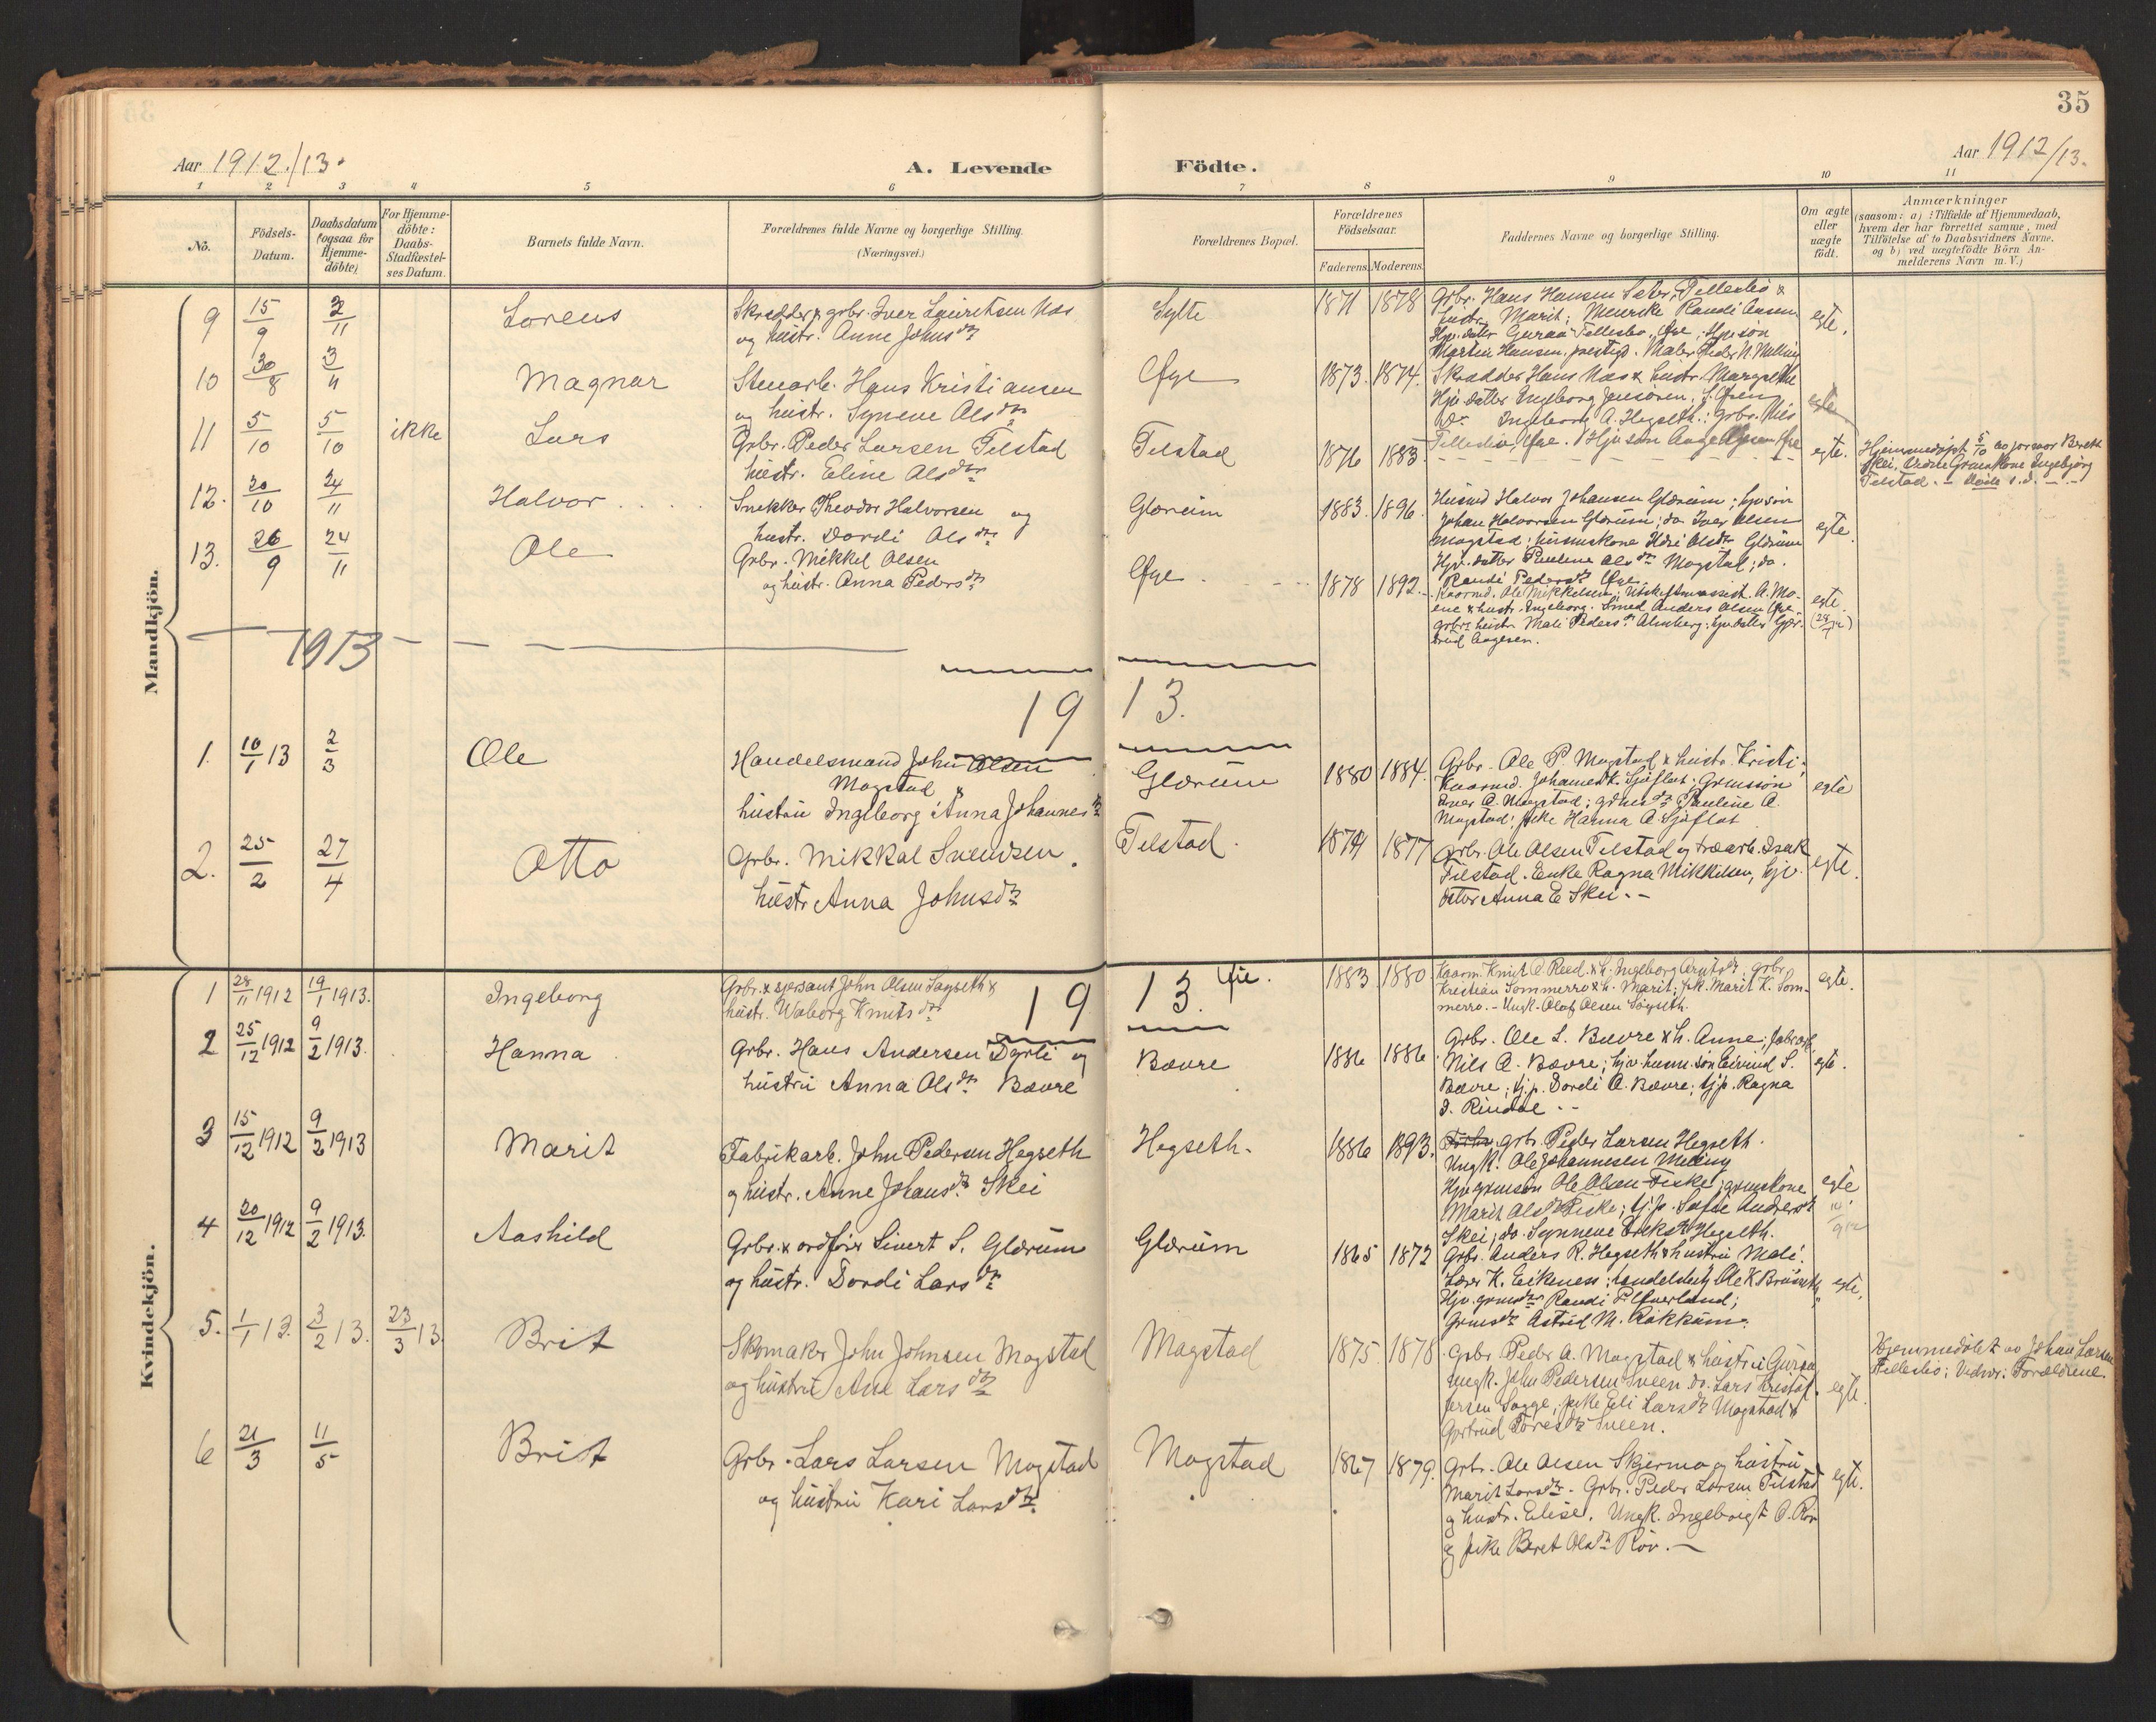 SAT, Ministerialprotokoller, klokkerbøker og fødselsregistre - Møre og Romsdal, 595/L1048: Ministerialbok nr. 595A10, 1900-1917, s. 35